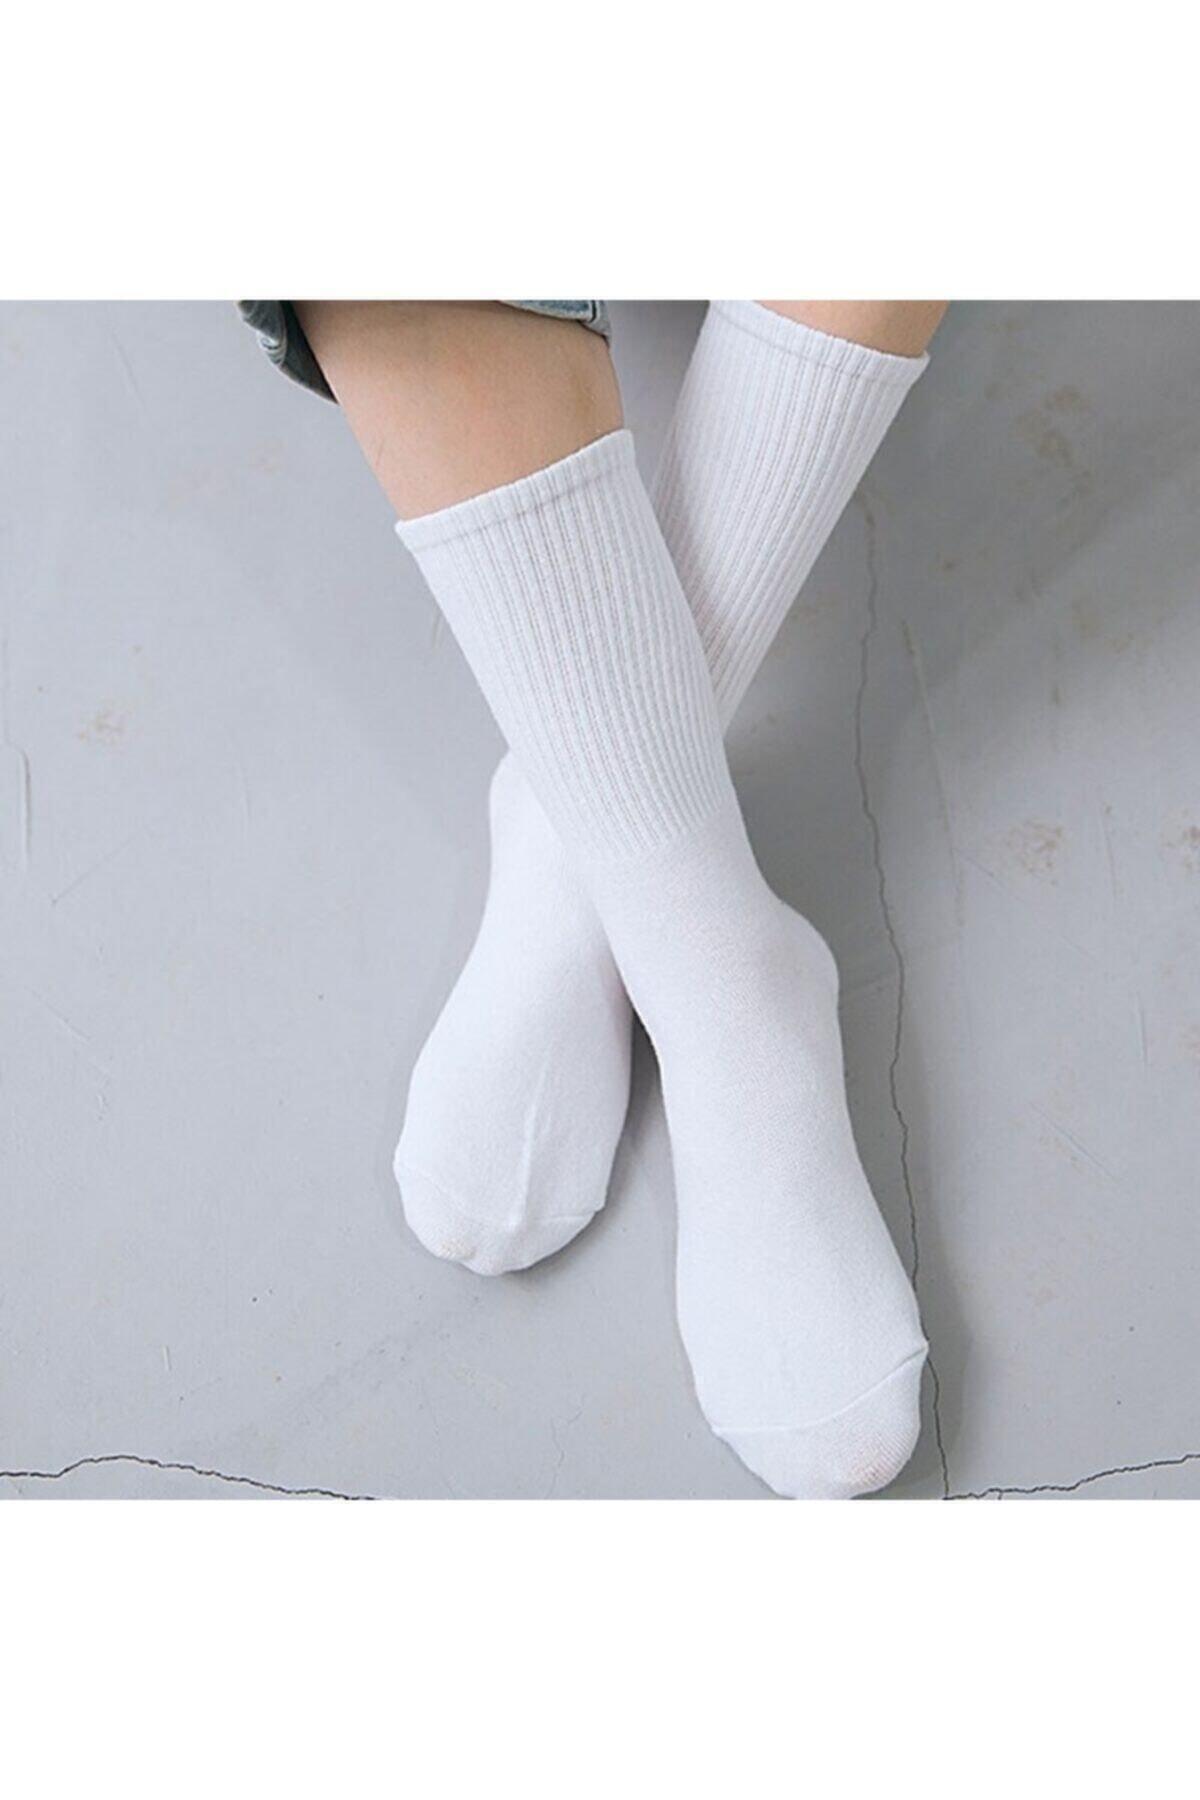 6'lı Düz Beyaz Kolej Çorap